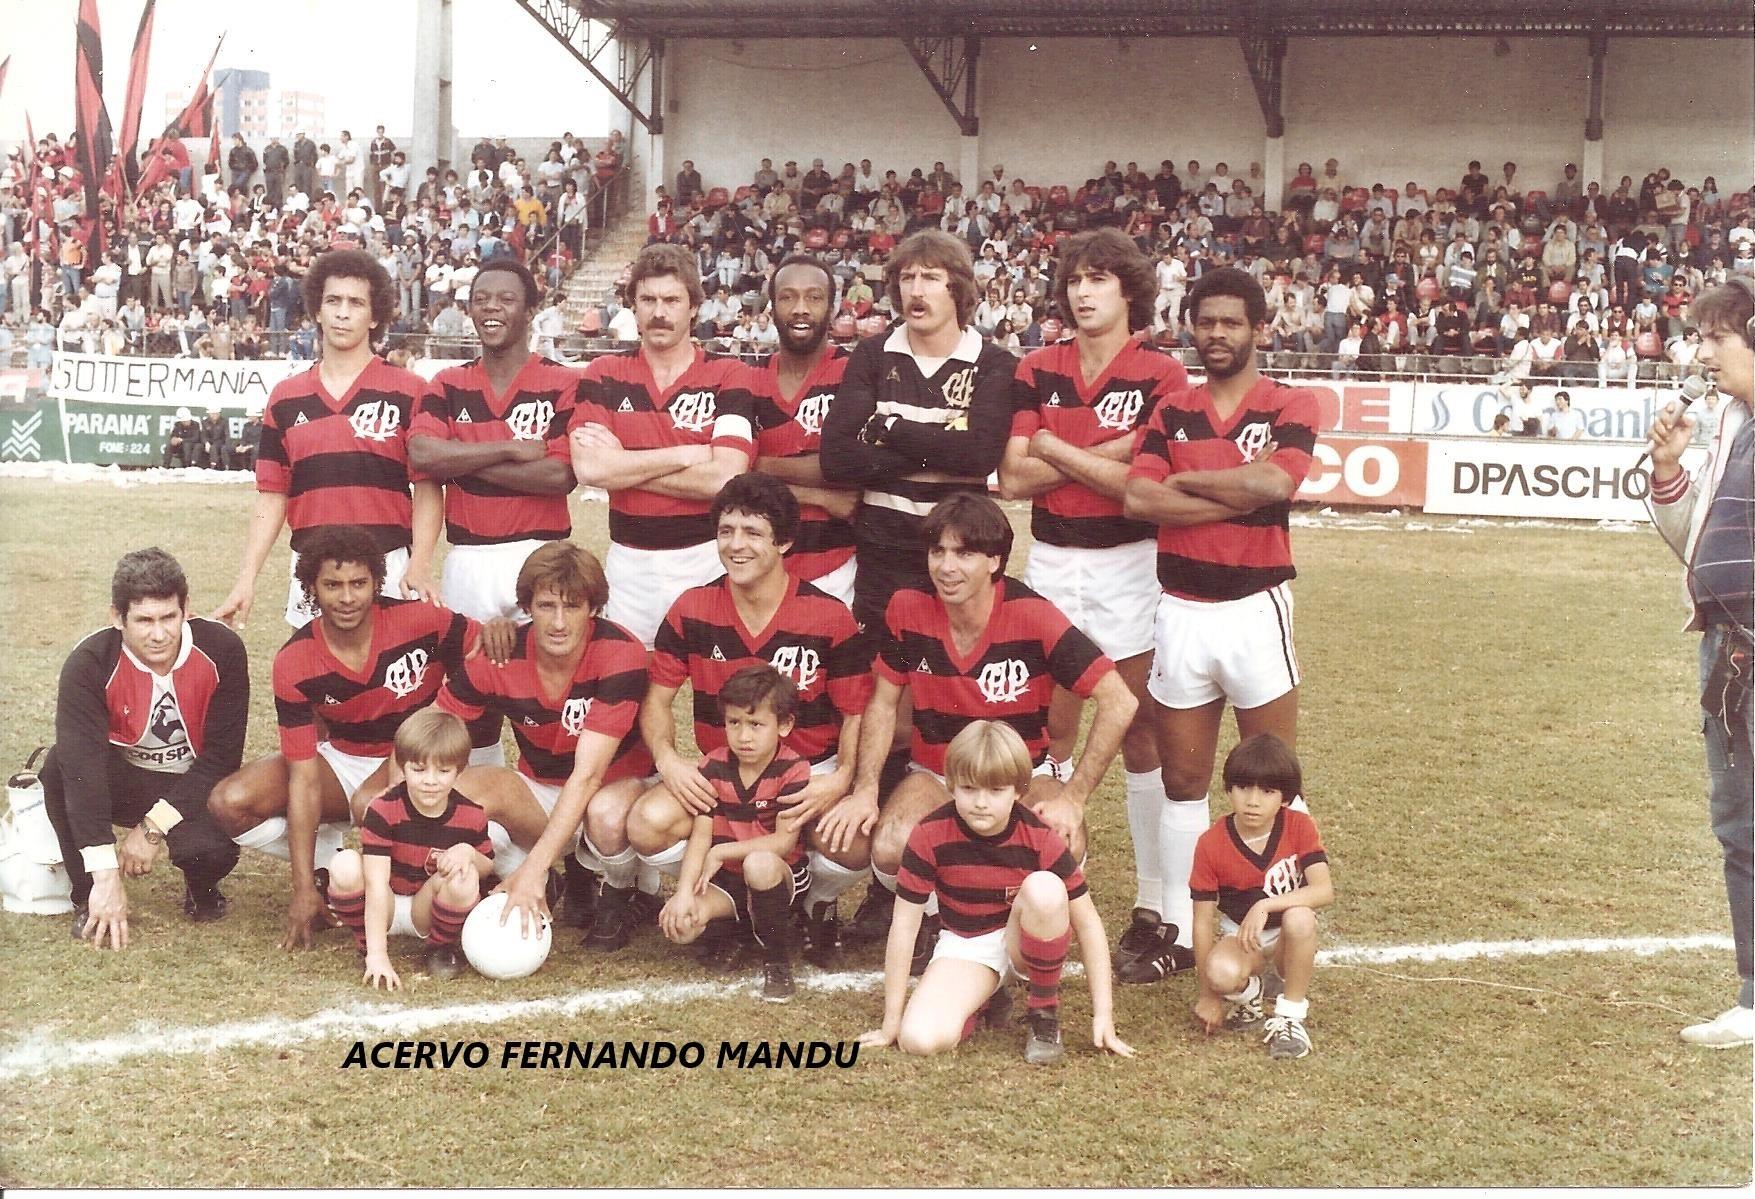 Os filhos de Fernando Mandu viraram mascotinhos do Athletico nos anos 80 (Arquivo Pessoal)